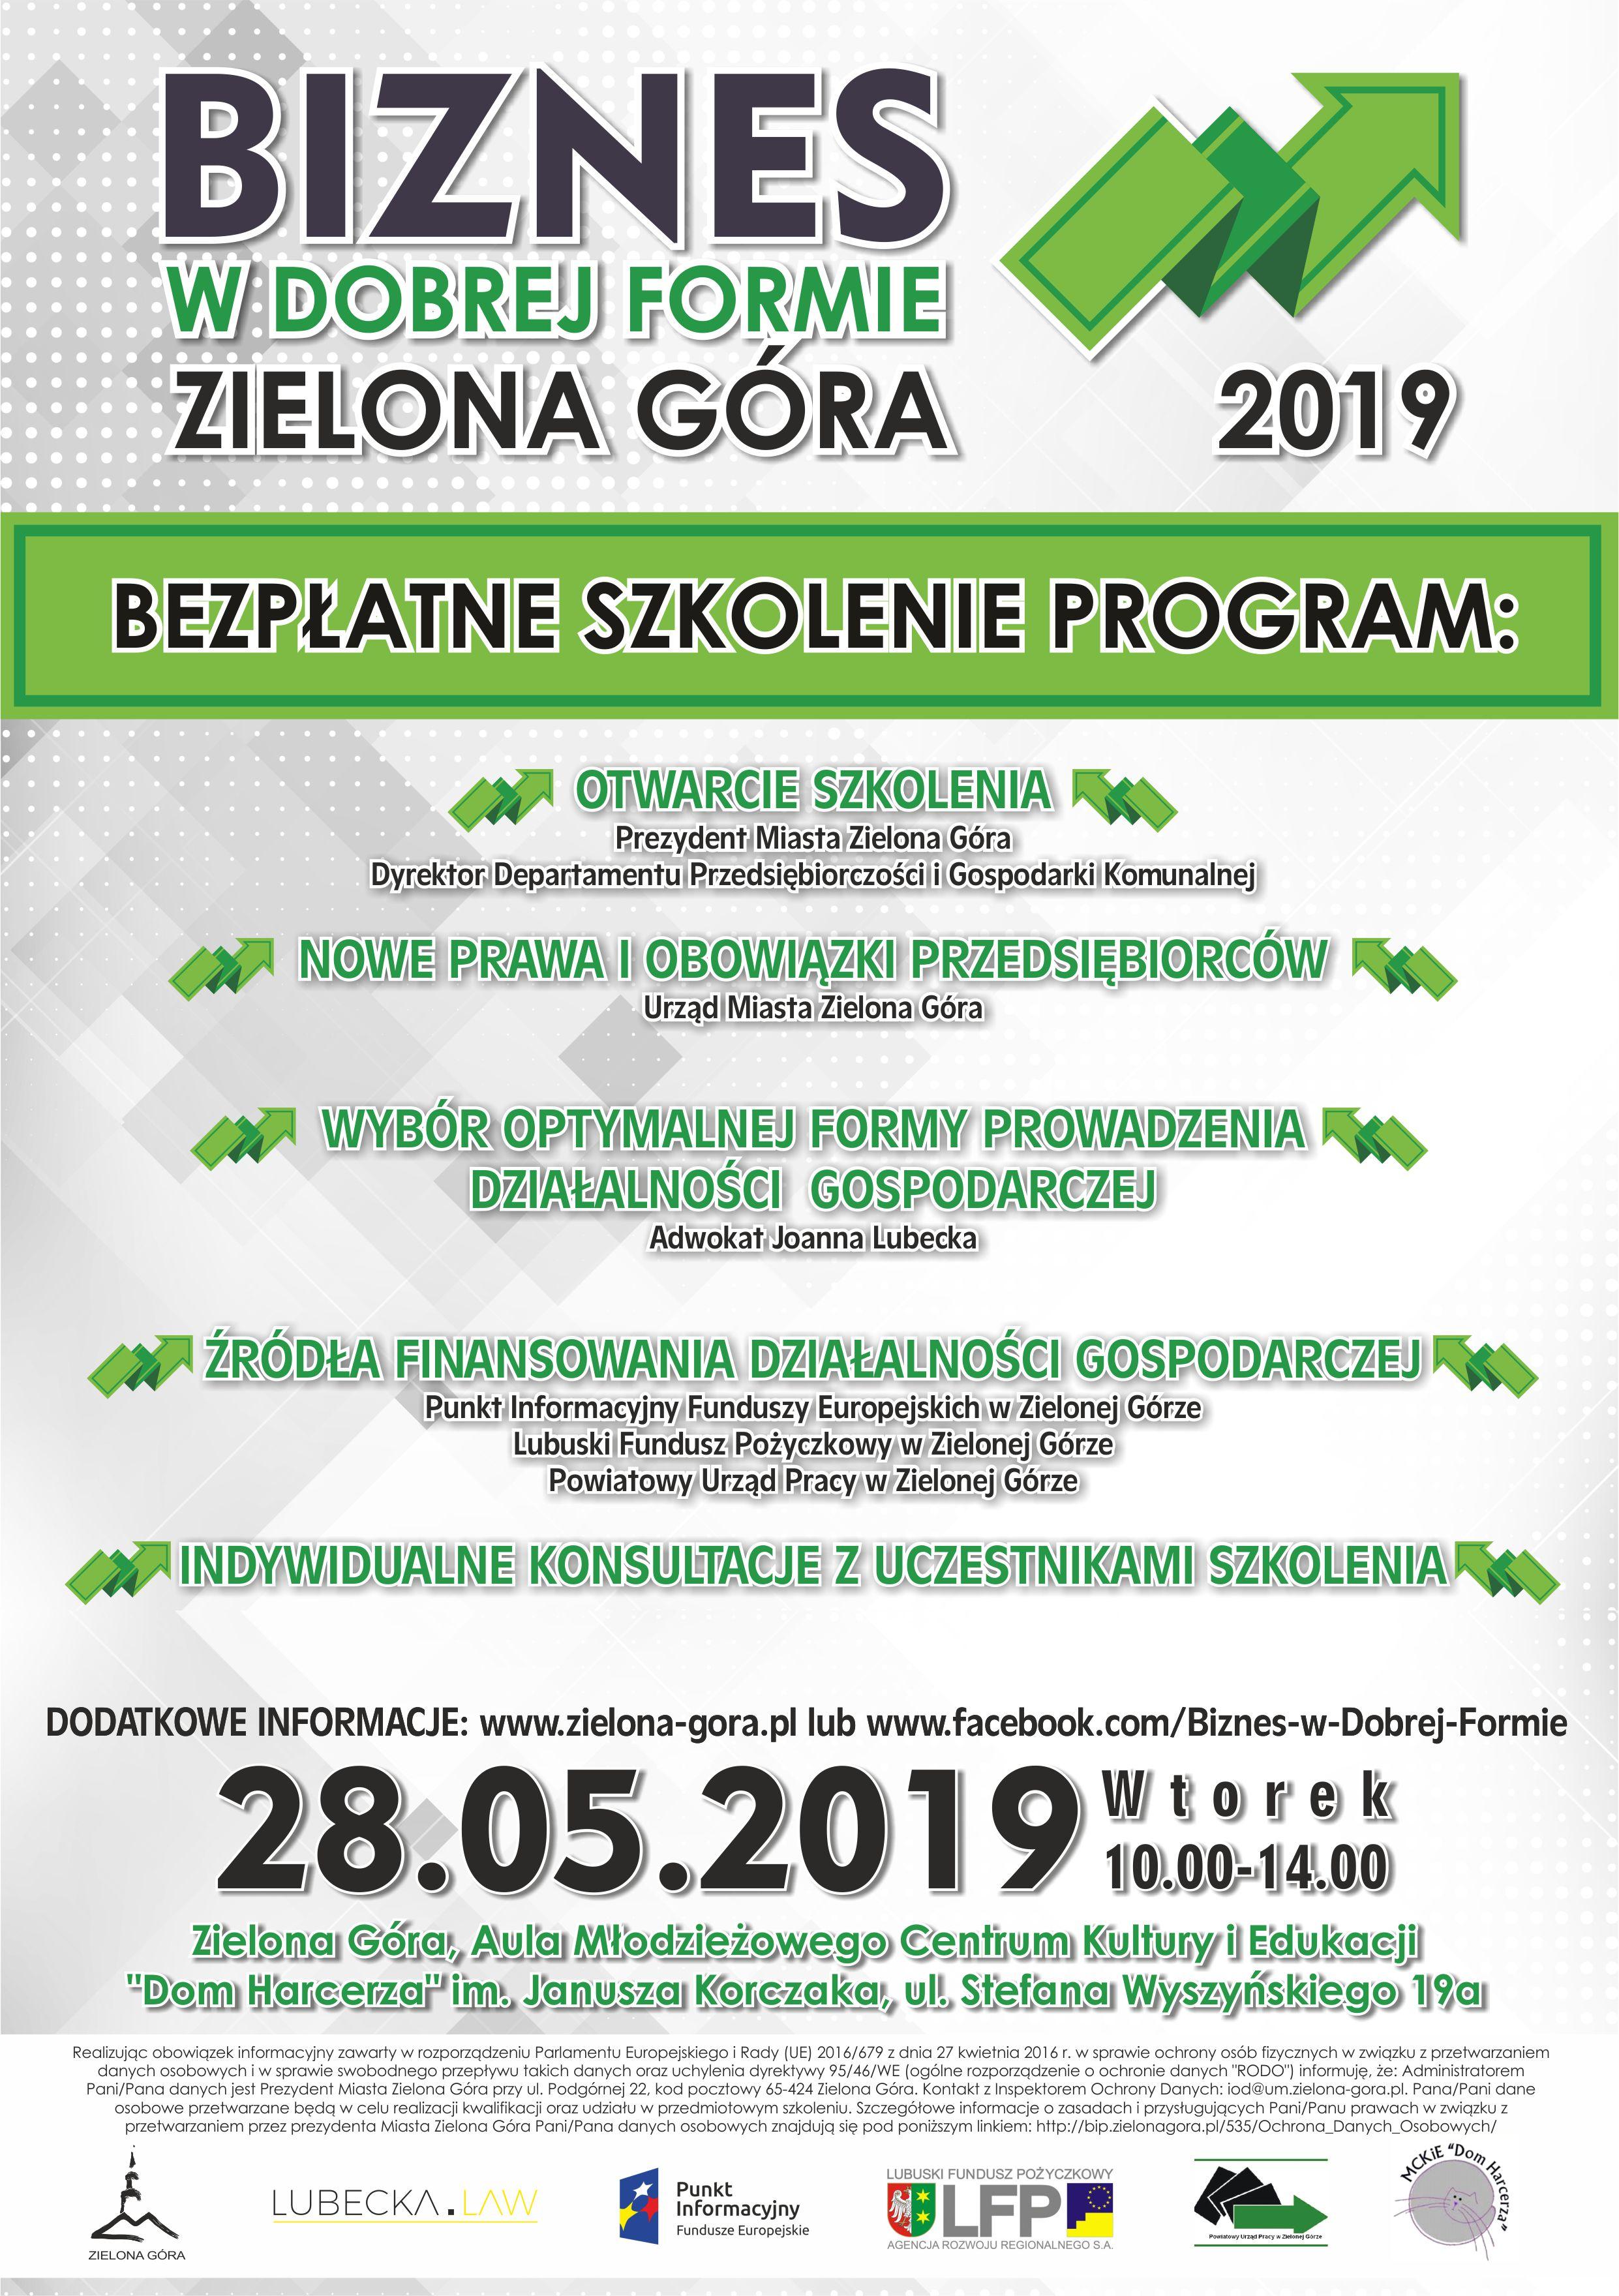 Tylko na zewnątrz UM Zielona Góra: Biznes w Dobrej Formie - szkolenie OL73